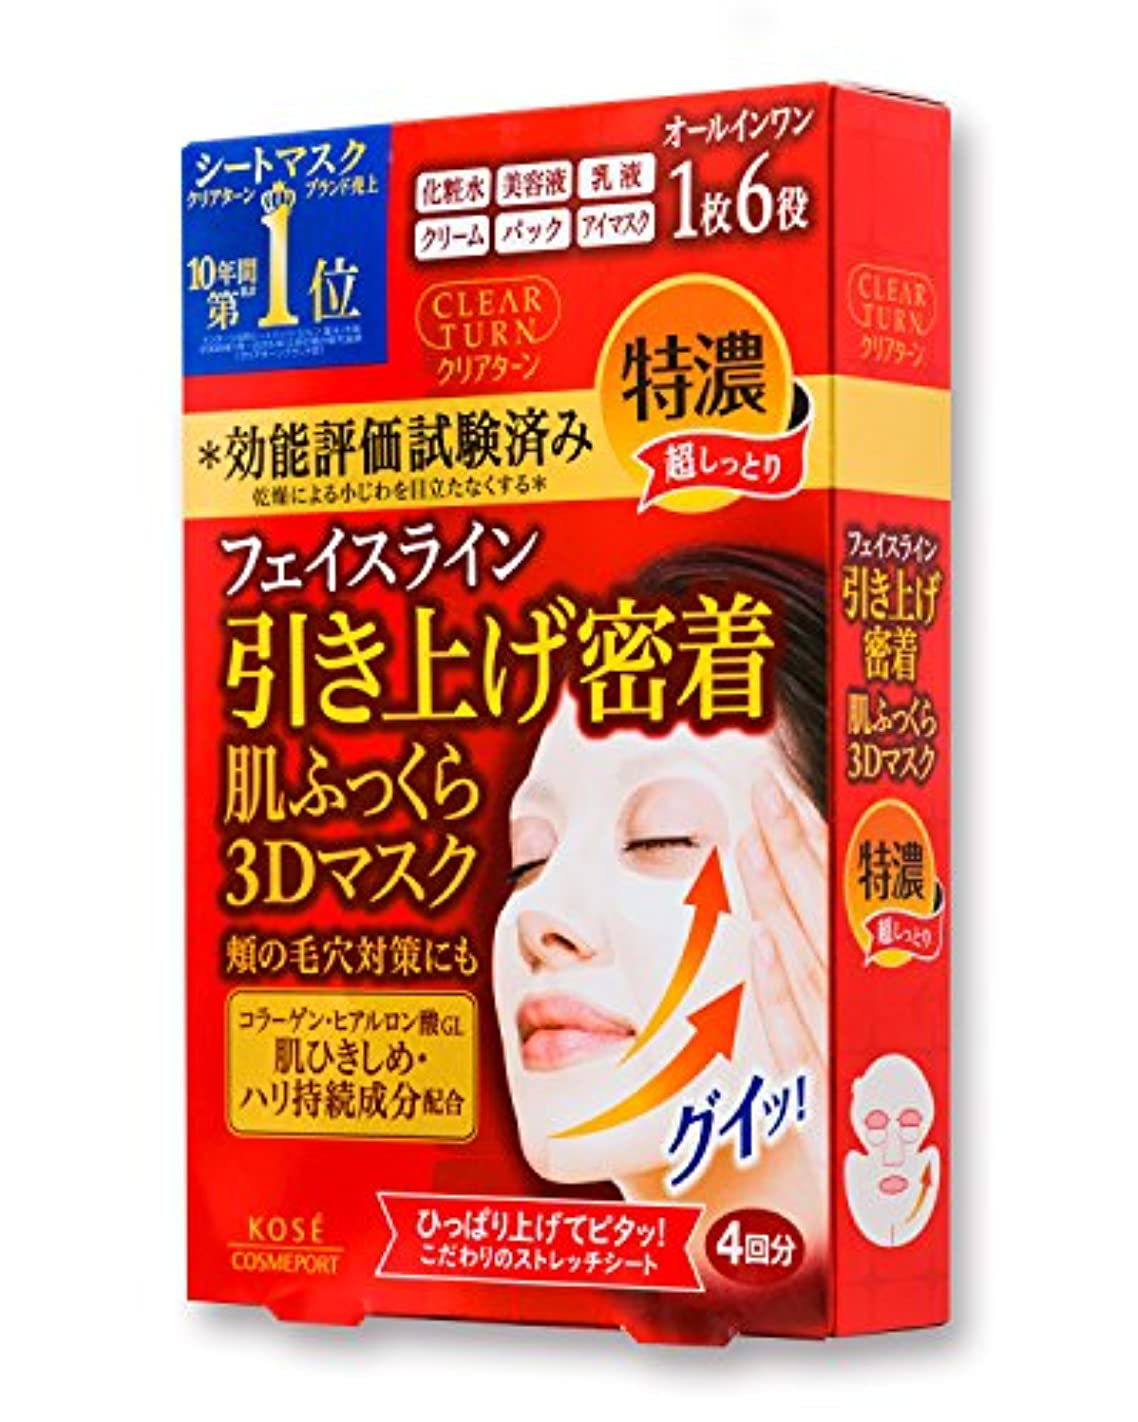 第九日そんなにKOSE コーセー クリアターン 肌ふっくら モイスト リフト マスク 4枚 フェイスマスク